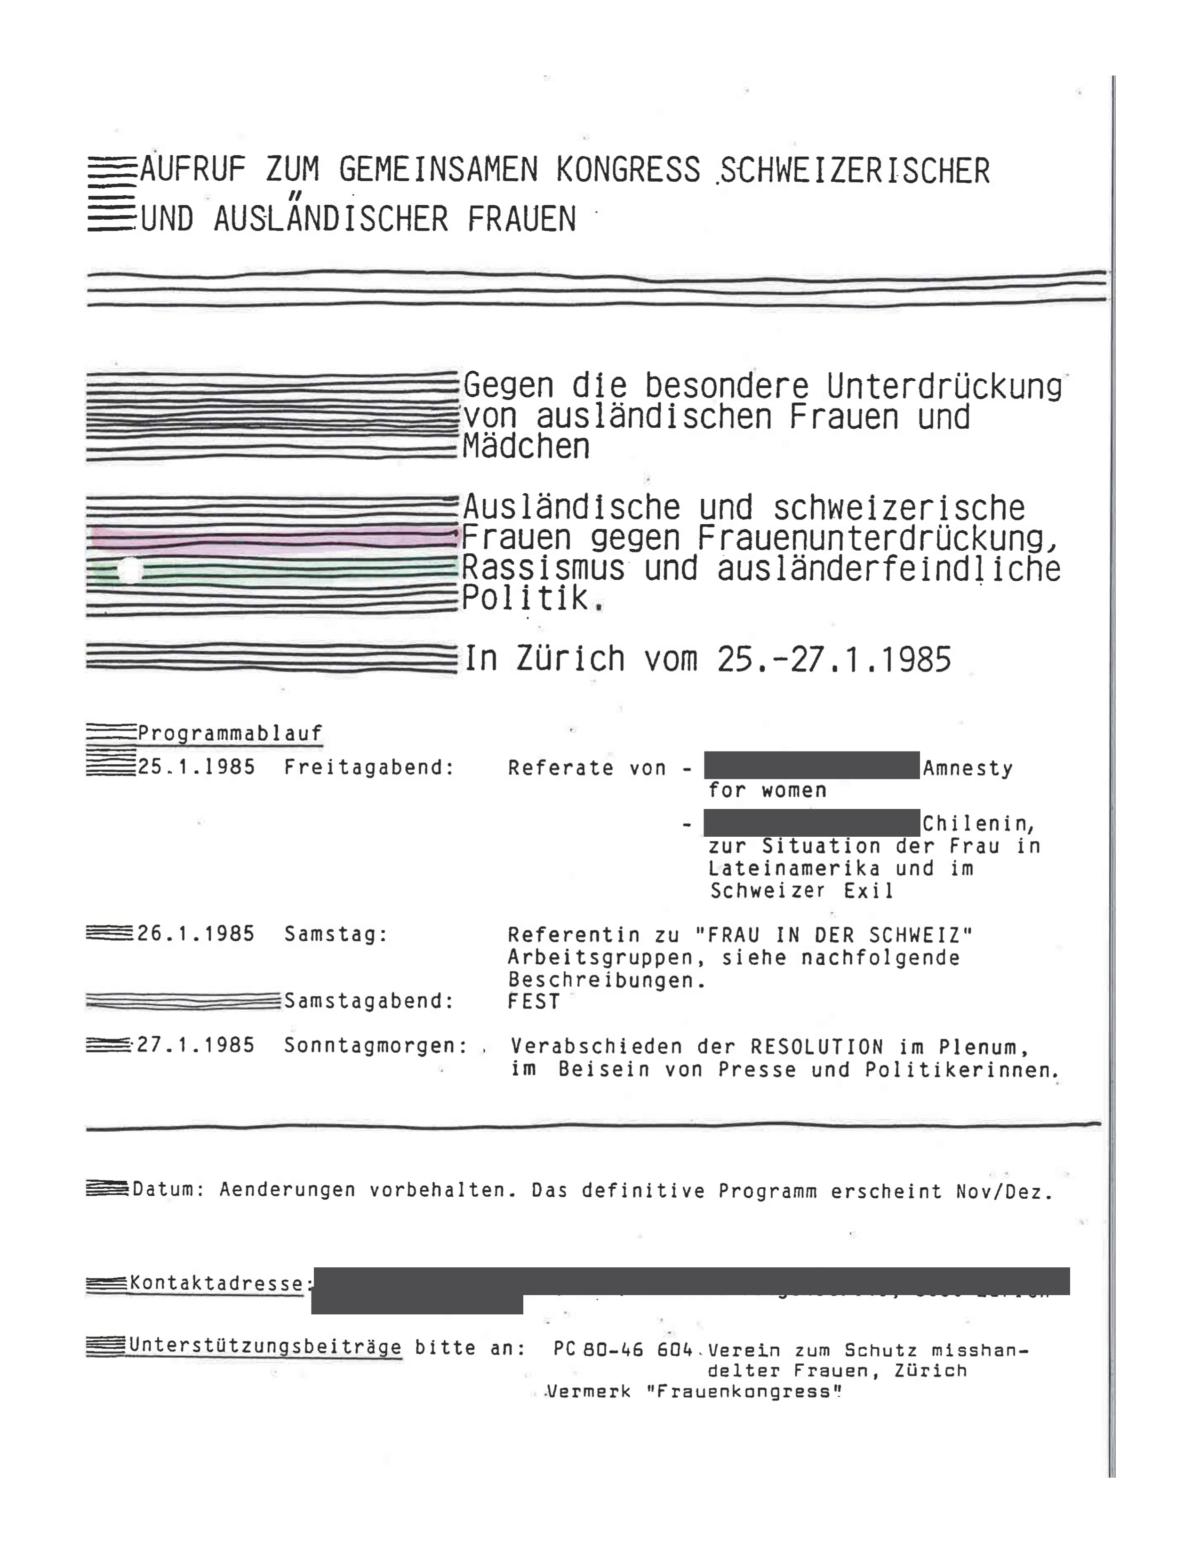 """Erste Seite des Aufrufs """"Aufruf zum Gemeinsamen Kongress Schweizerischer und Ausländerischer Frauen. Gegen die besondere Unterdrükcung von ausländischen Frauen und Mädchen; UAsländische und schweizerische Frauen gegen Frauenunterdrückung, Rassismus und ausländerfeindliche Politik. In Zürich vom 25.-27.1.1985"""""""